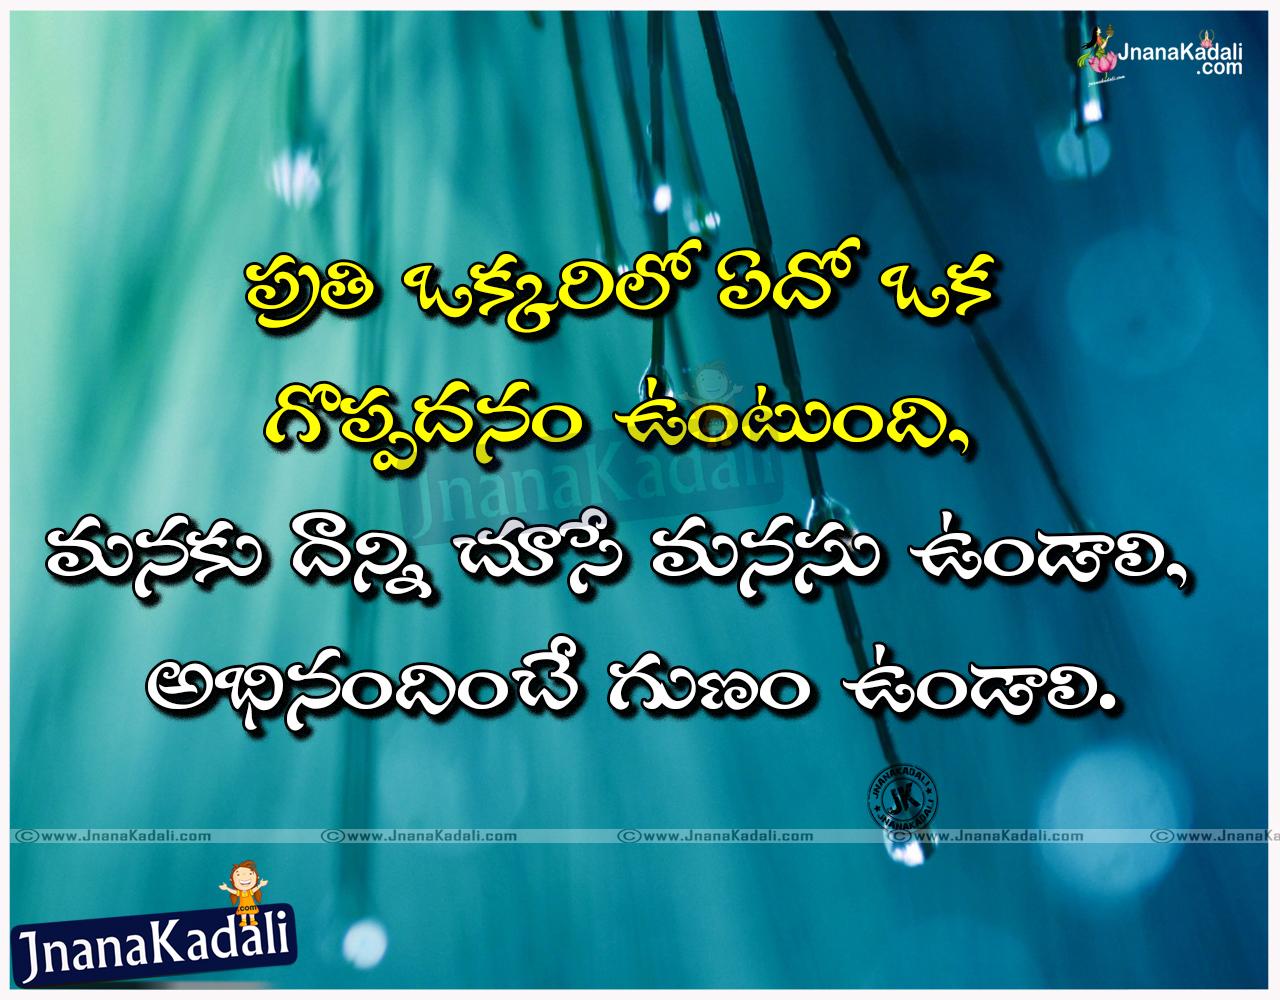 Telugu Inspiring Quotes On Patience Legendary Quotes Telugu